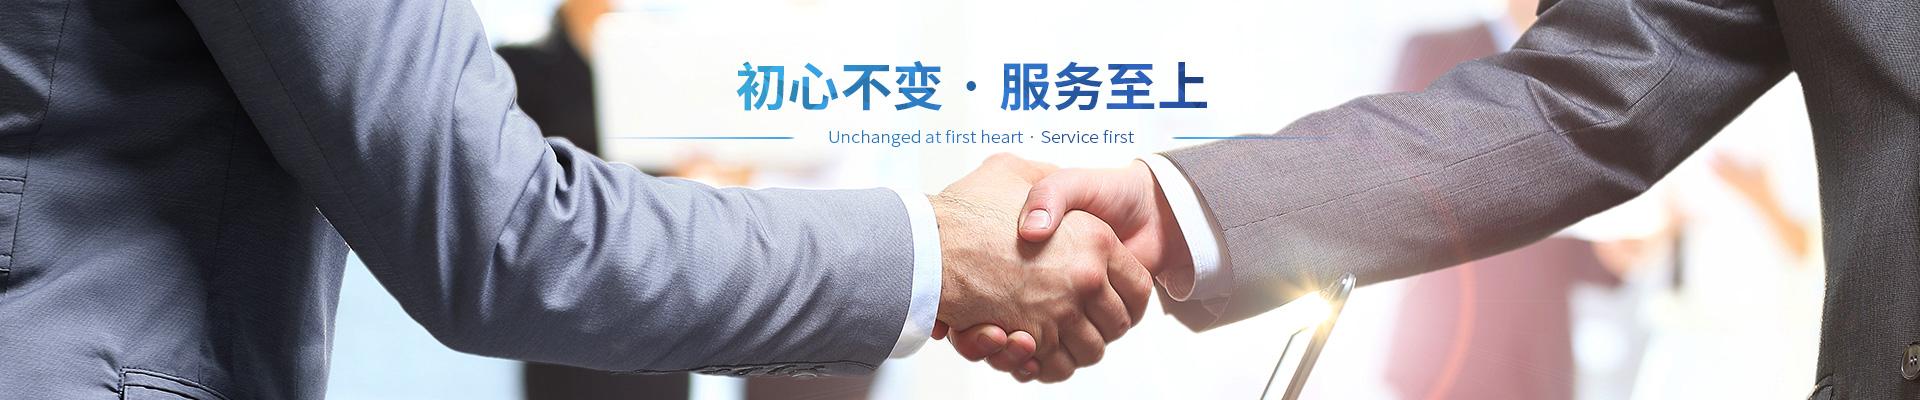 贵州特殊商务服务设备「 上海驿氪信息科技有限公司」